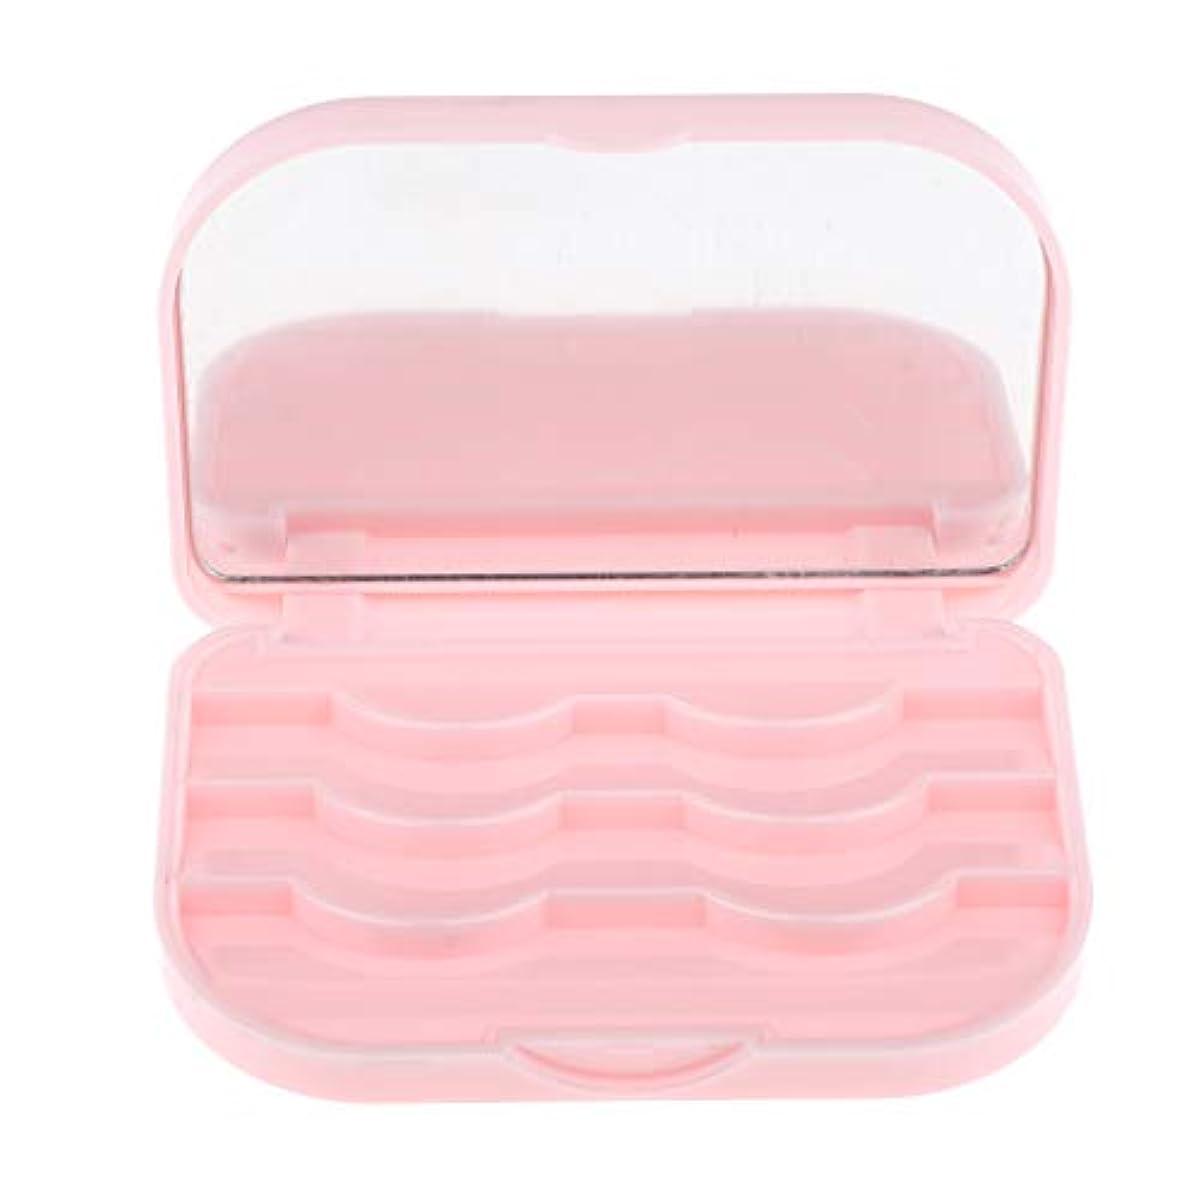 モスなすブラウンT TOOYFUL 全3色 まつげ収納ケース 収納ホルダー 化粧ポーチ ミラー付き 携帯便利 全3色 - ピンク